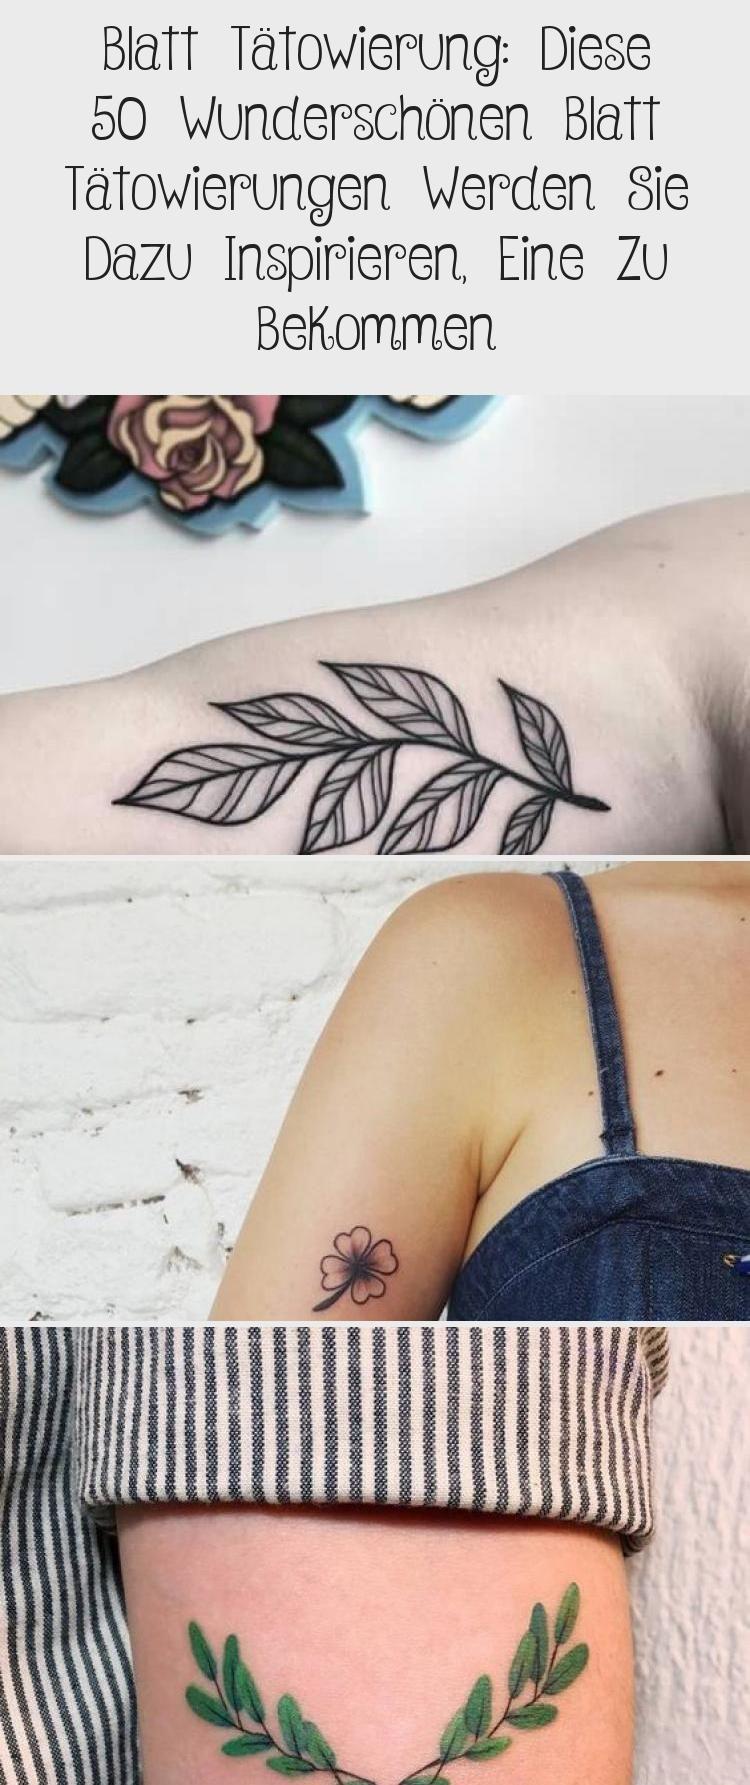 Blatt Tätowierung: Diese 50 wunderschönen Blatt Tätowierungen werden Sie dazu… – Bikini trends 2020